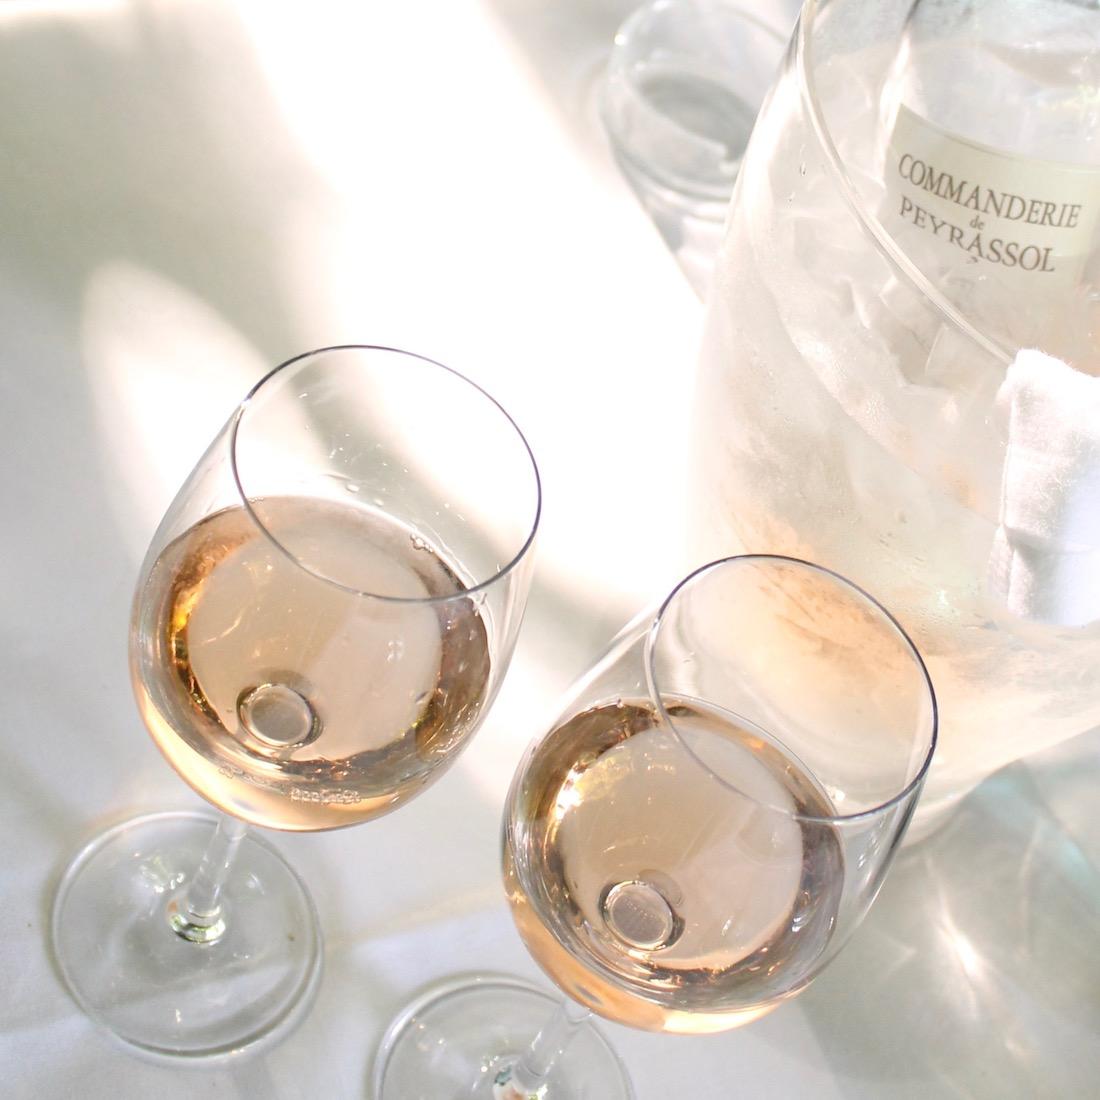 vin-rose-la-commanderie-peyrassol